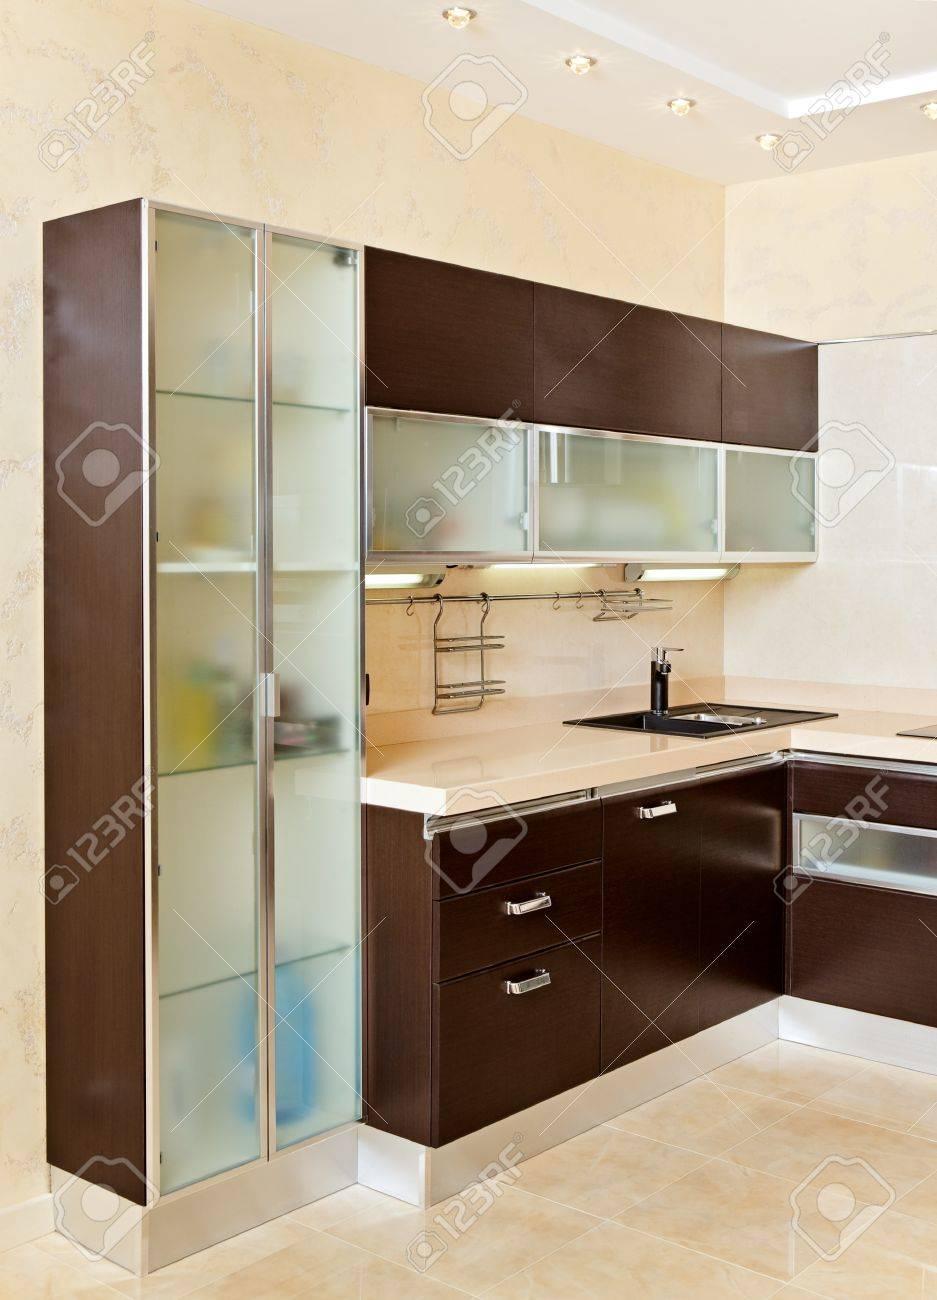 Une partie de l\'intérieur de cuisine moderne avec placard dans des tons  chauds